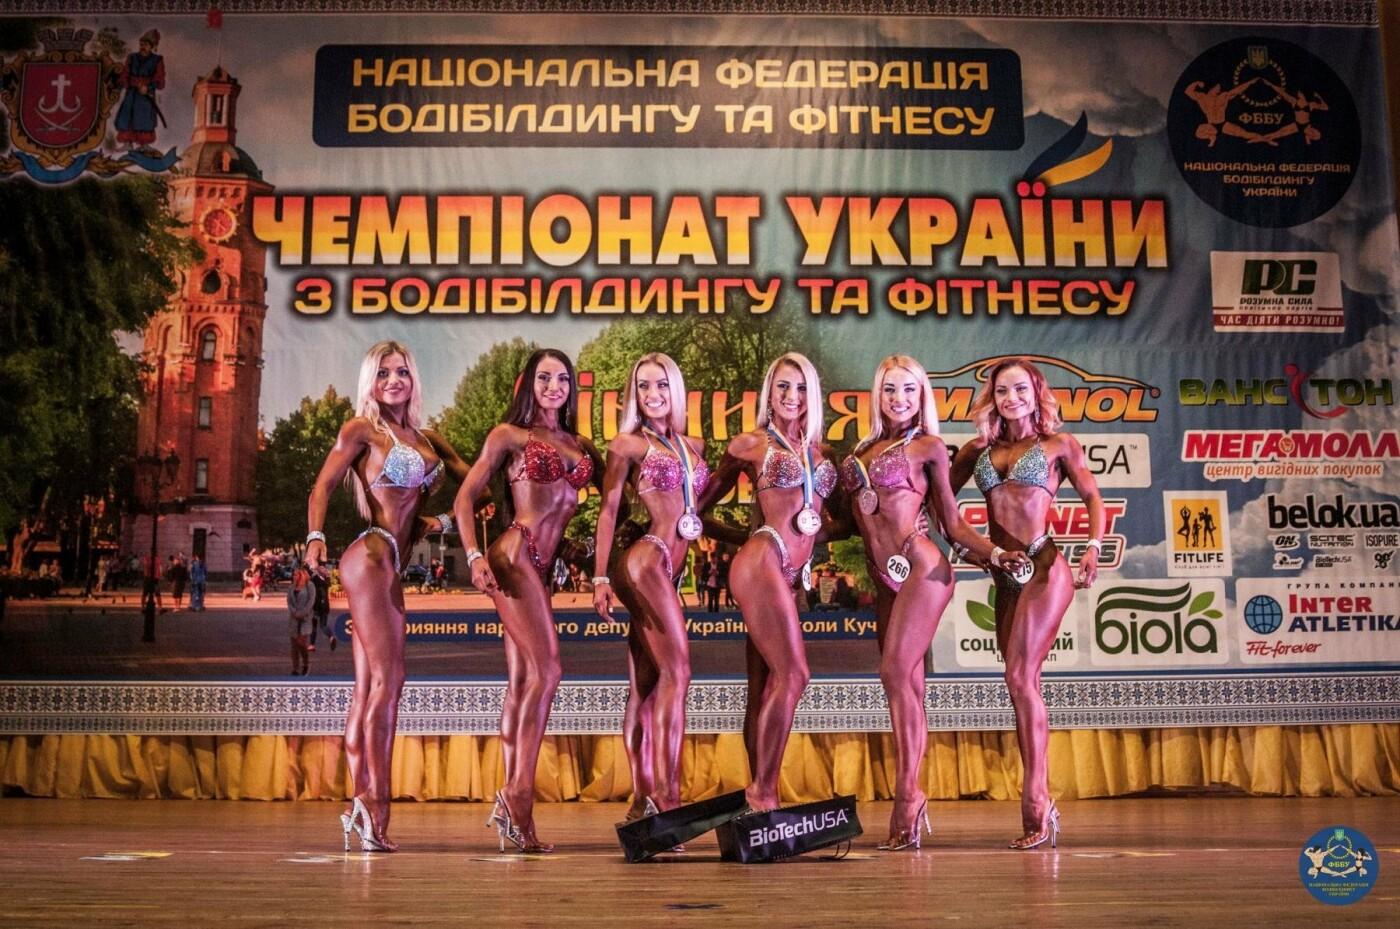 В Краматорске пройдет Открытый Кубок Донецкой области по бодибилдингу, фото-1